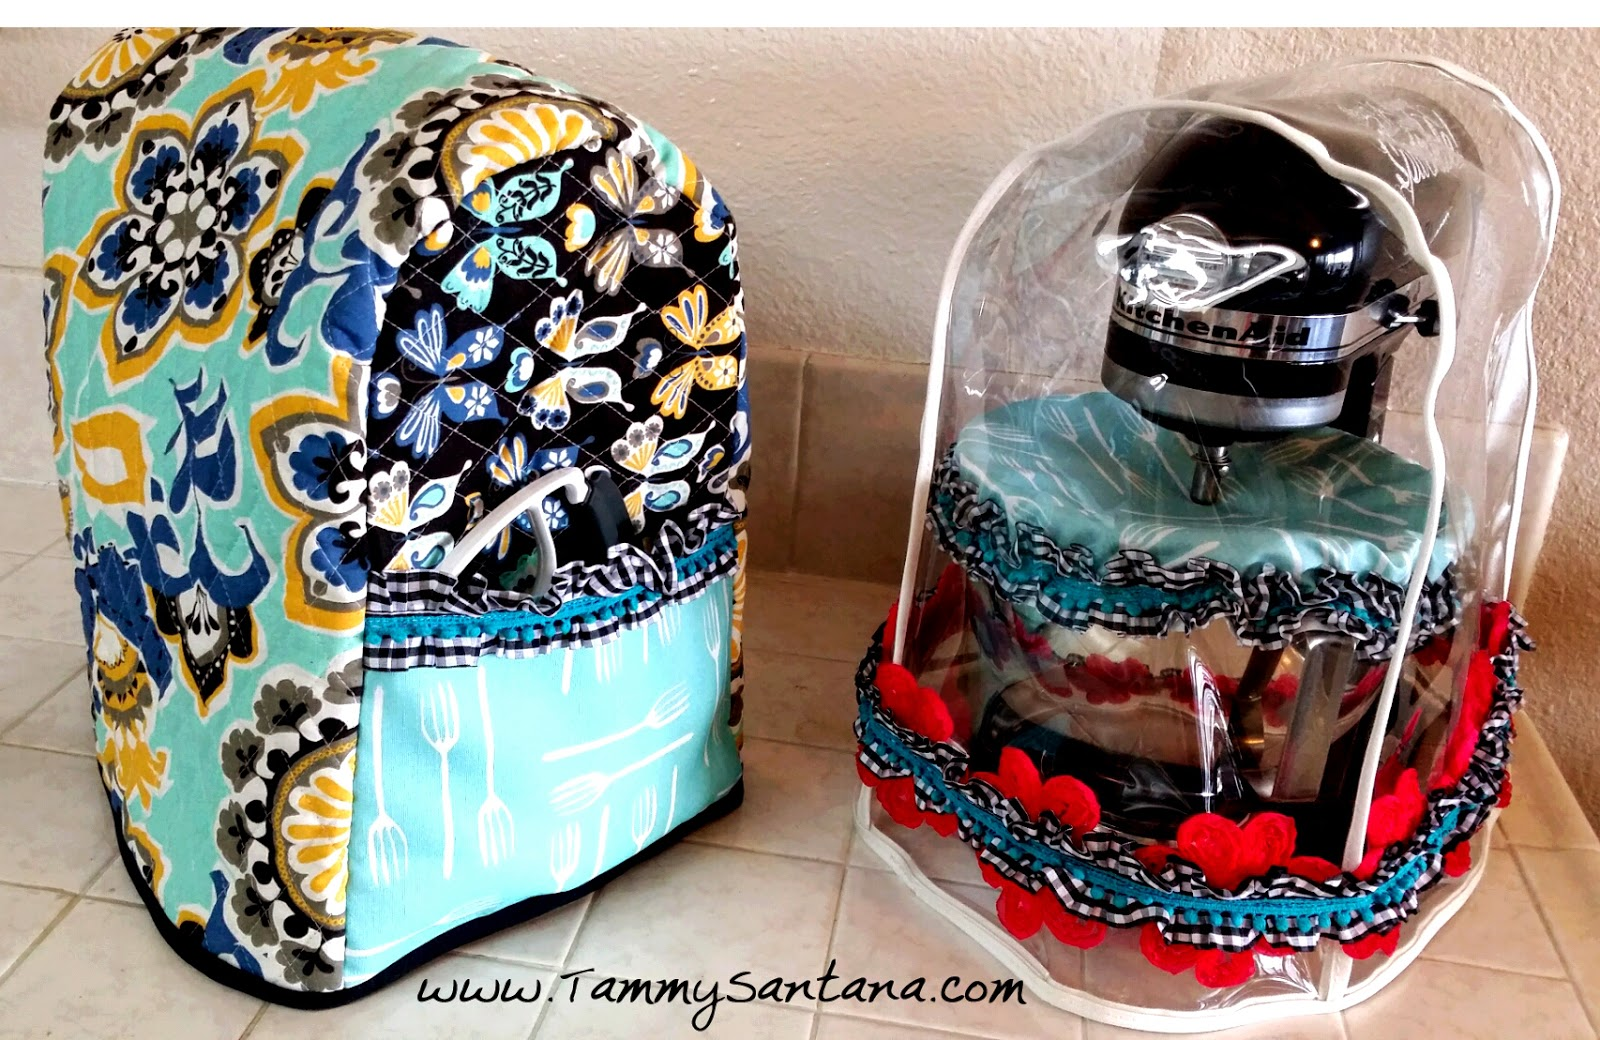 TammySantana.com: